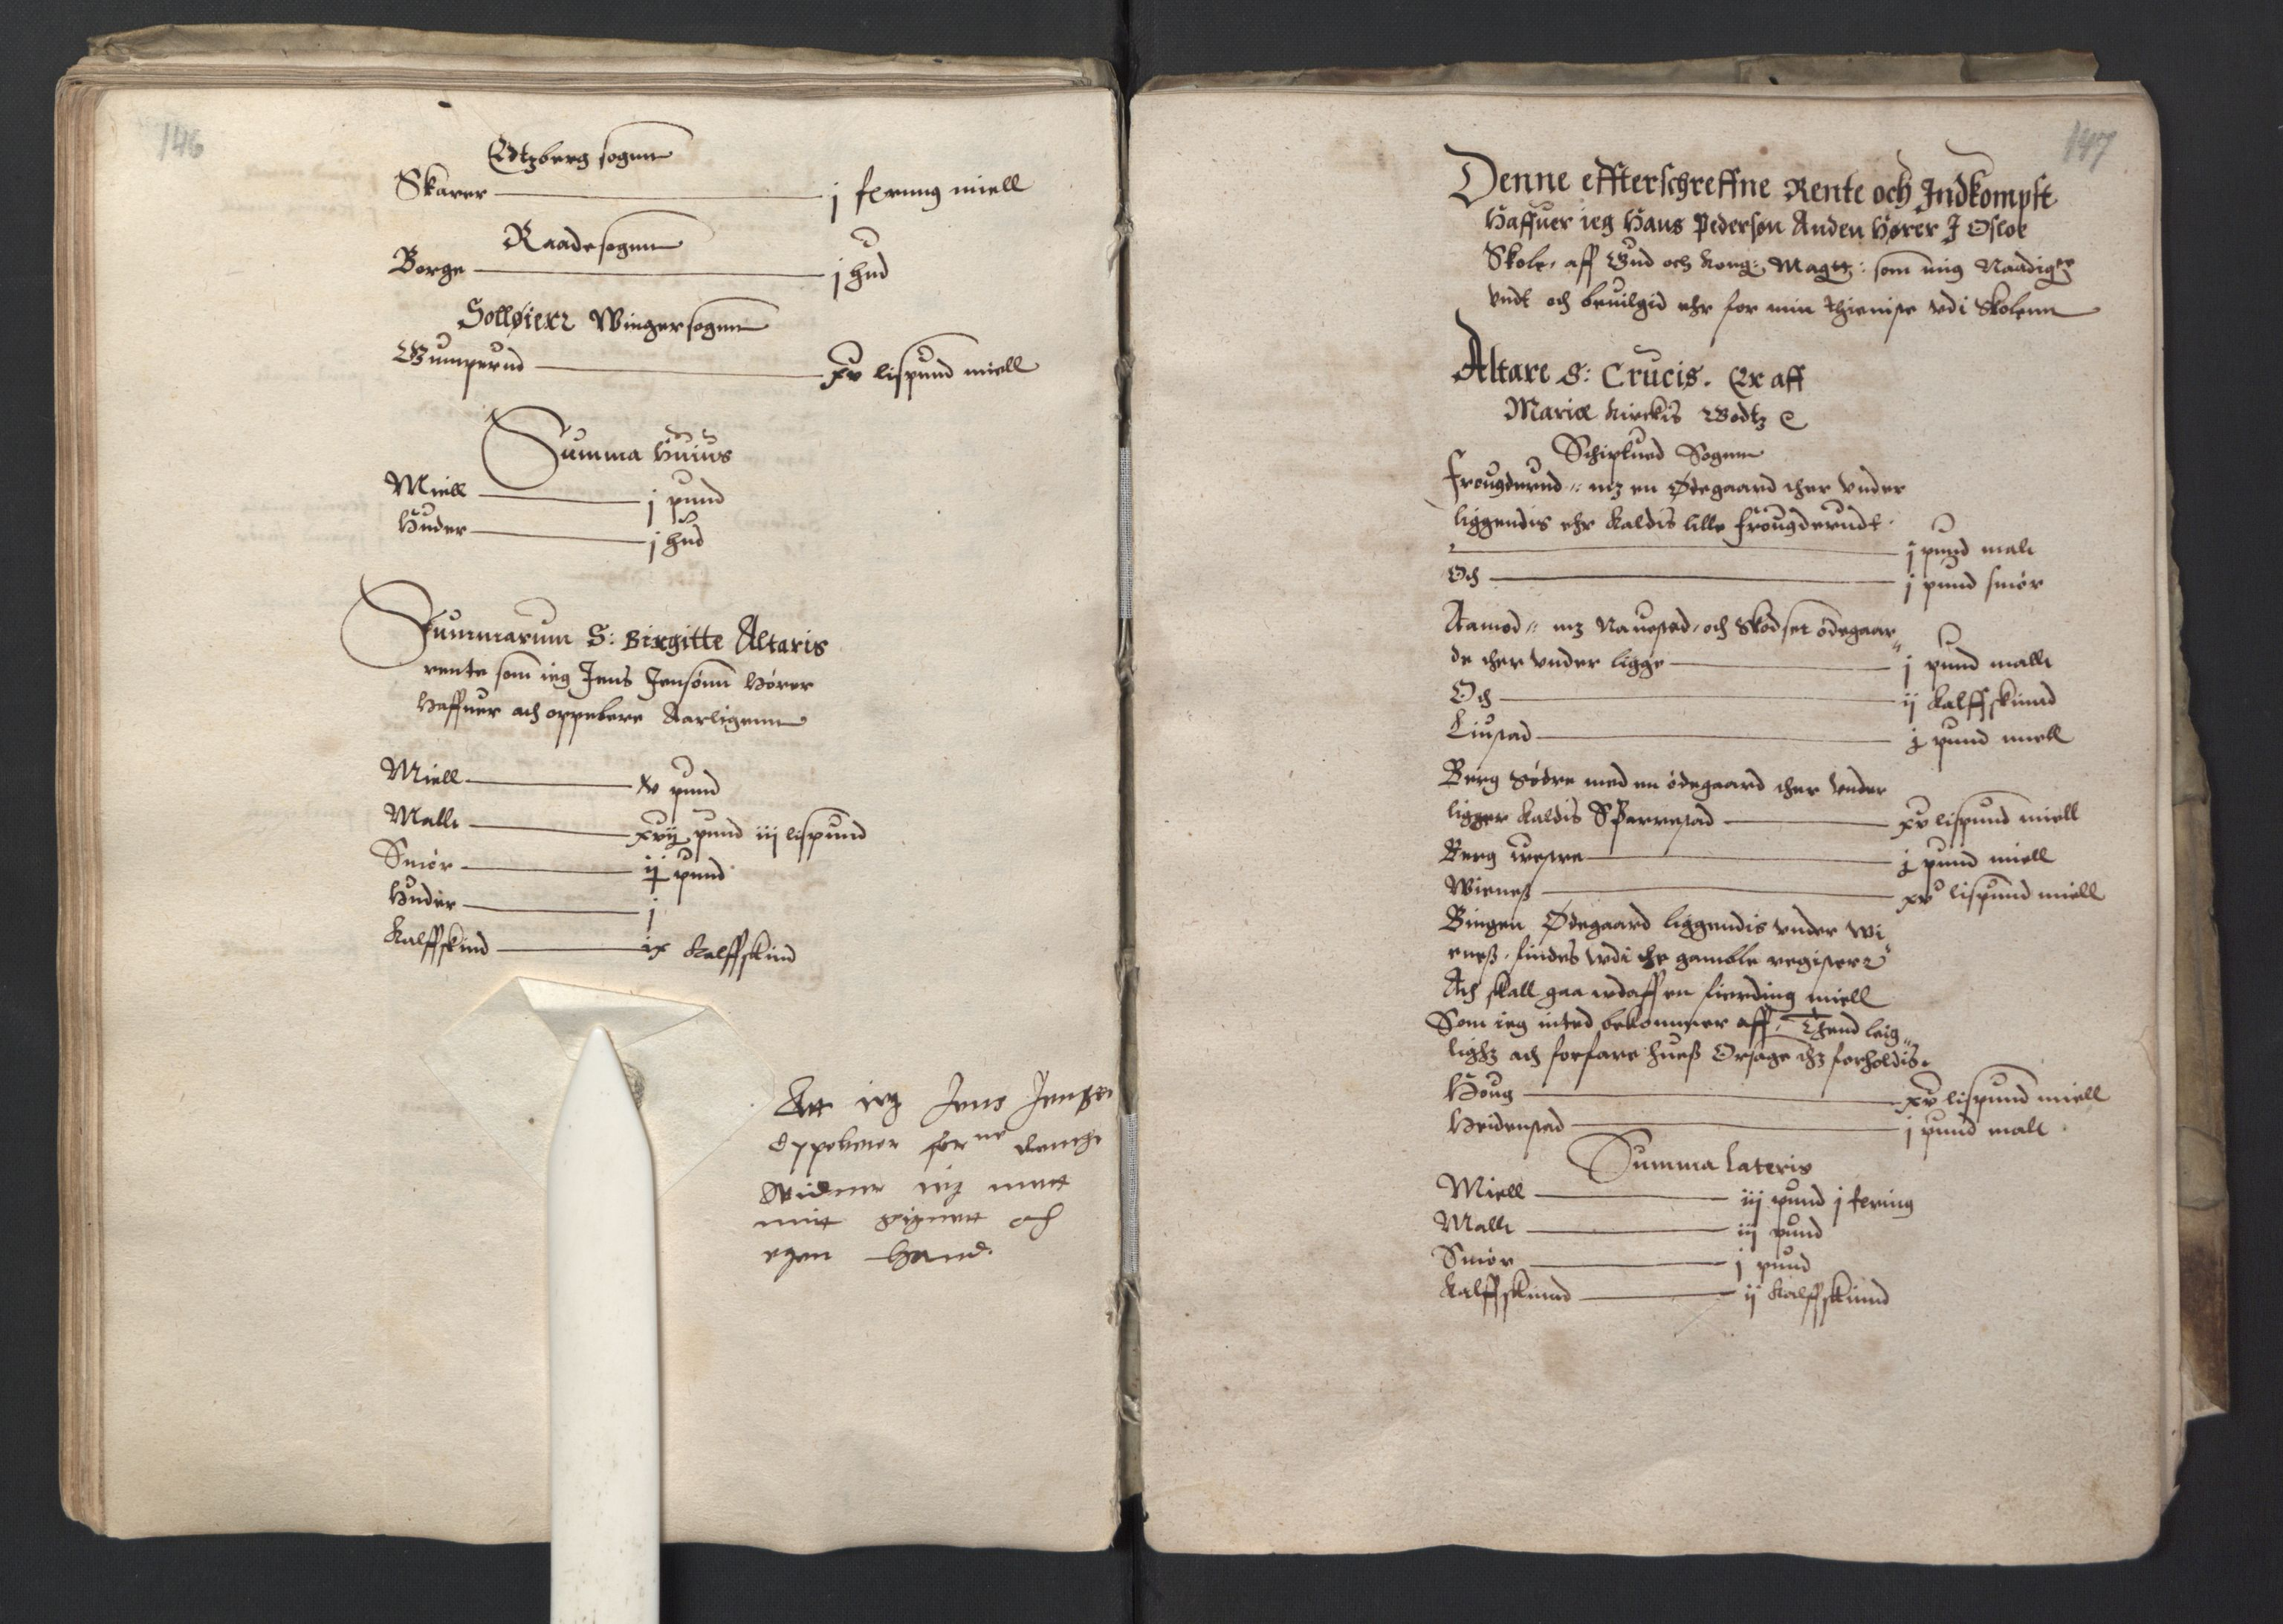 RA, Stattholderembetet 1572-1771, Ek/L0001: Jordebøker før 1624 og til utligning av garnisonsskatt 1624-1626:, 1595, s. 146-147